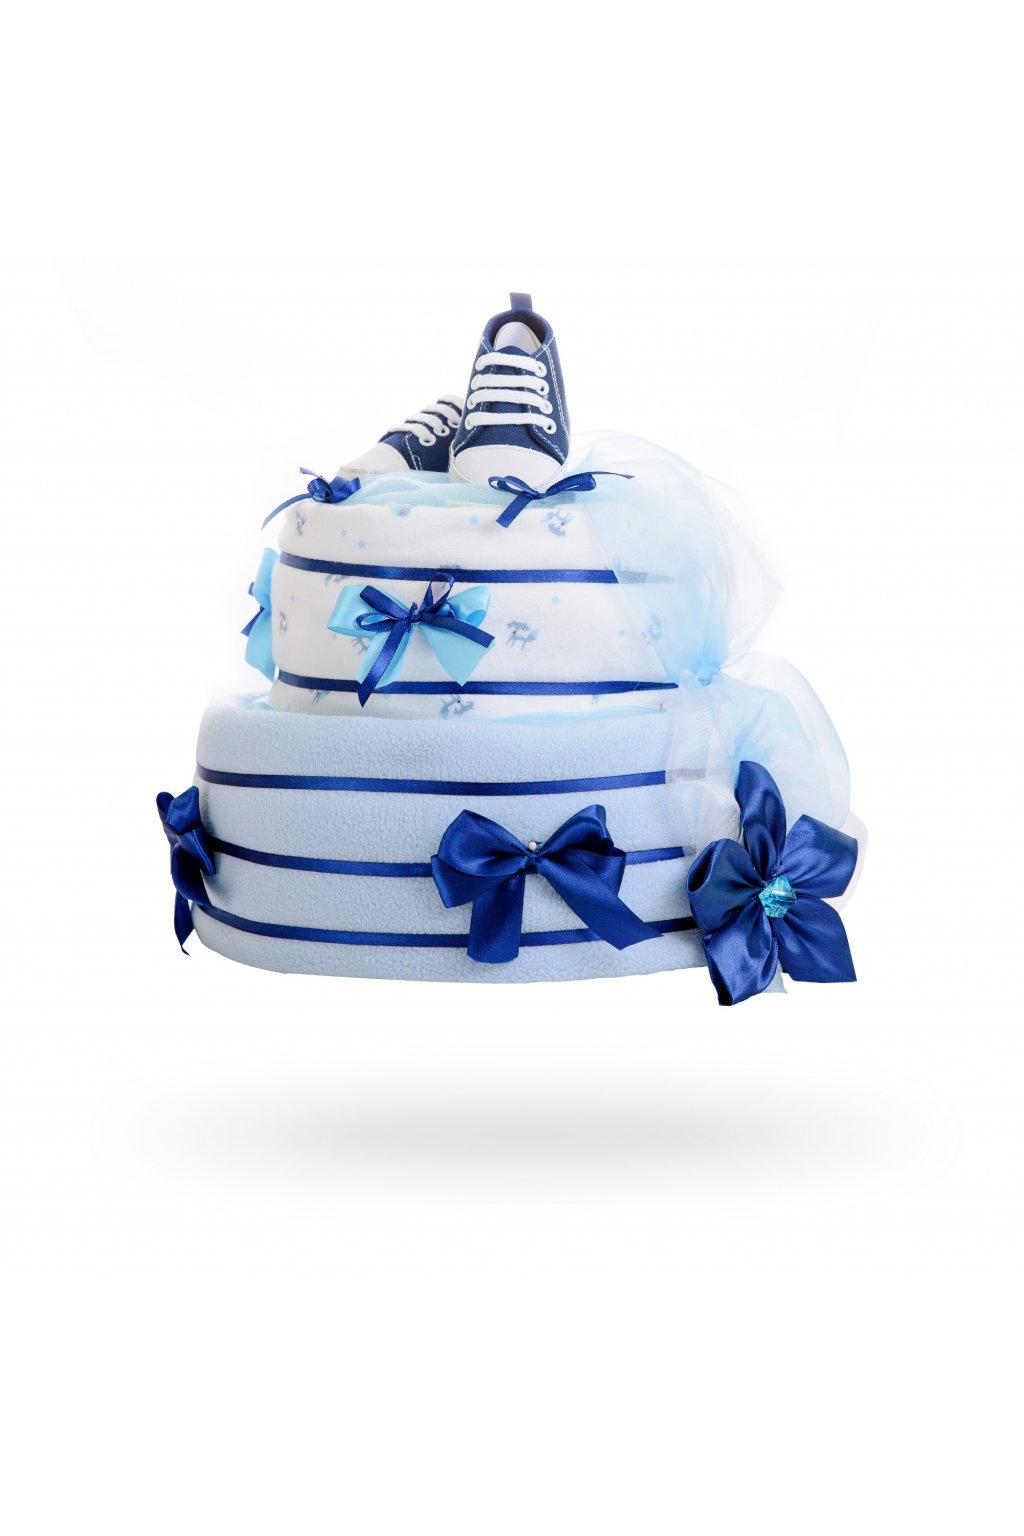 Dvoupatrový plenkový dort pro chlapce – světle modrý